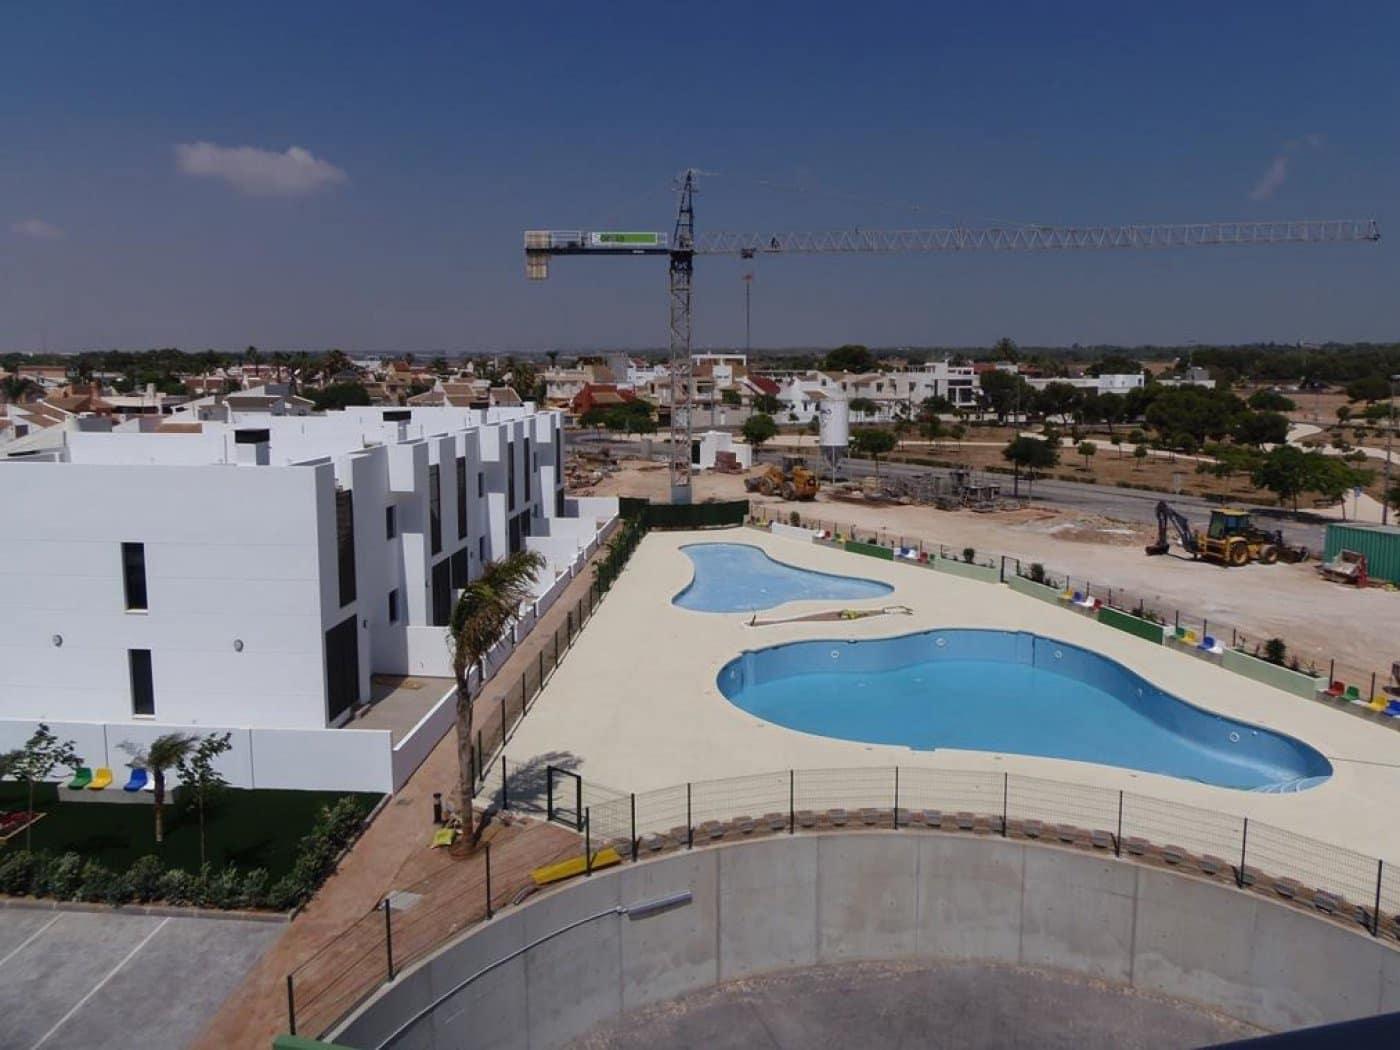 Apartamento de 2 habitaciones en Pilar de la Horadada en venta con piscina - 175.000 € (Ref: 4253358)